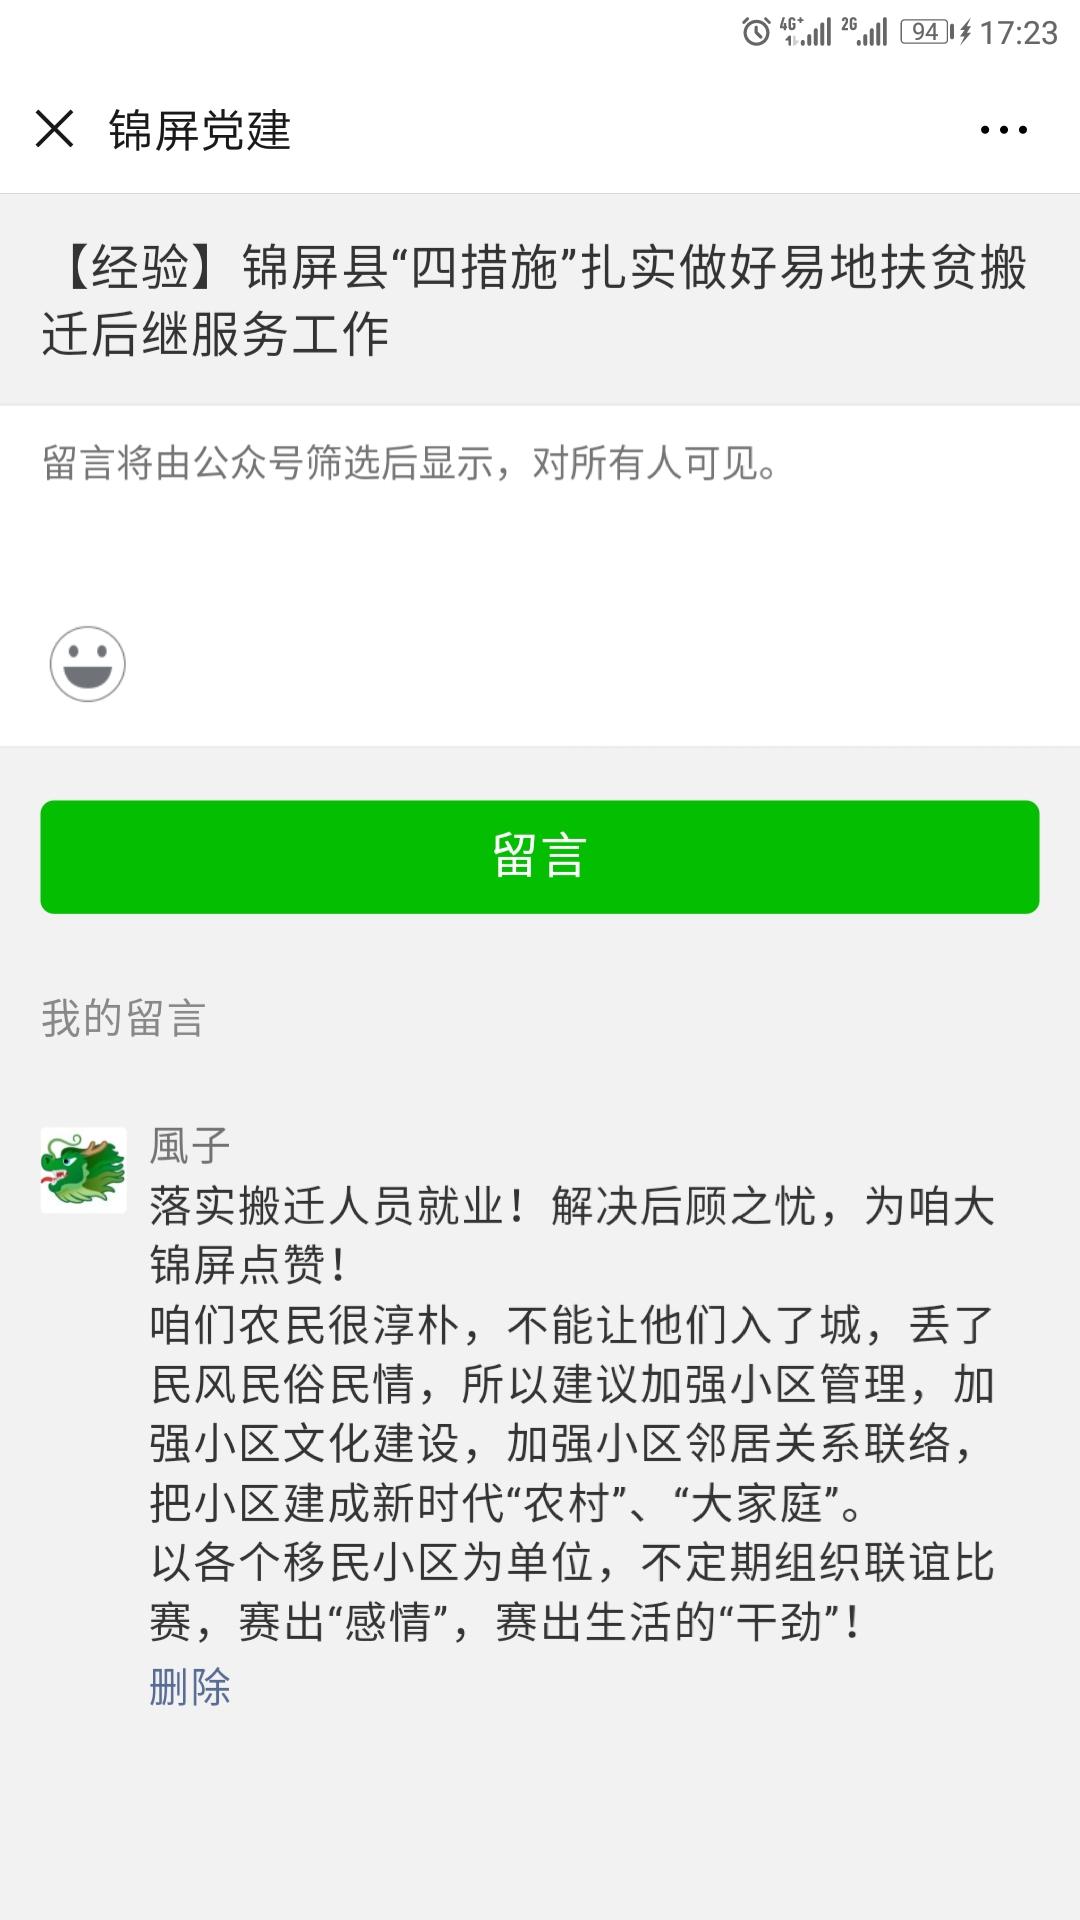 Screenshot_20190514-172304.jpg